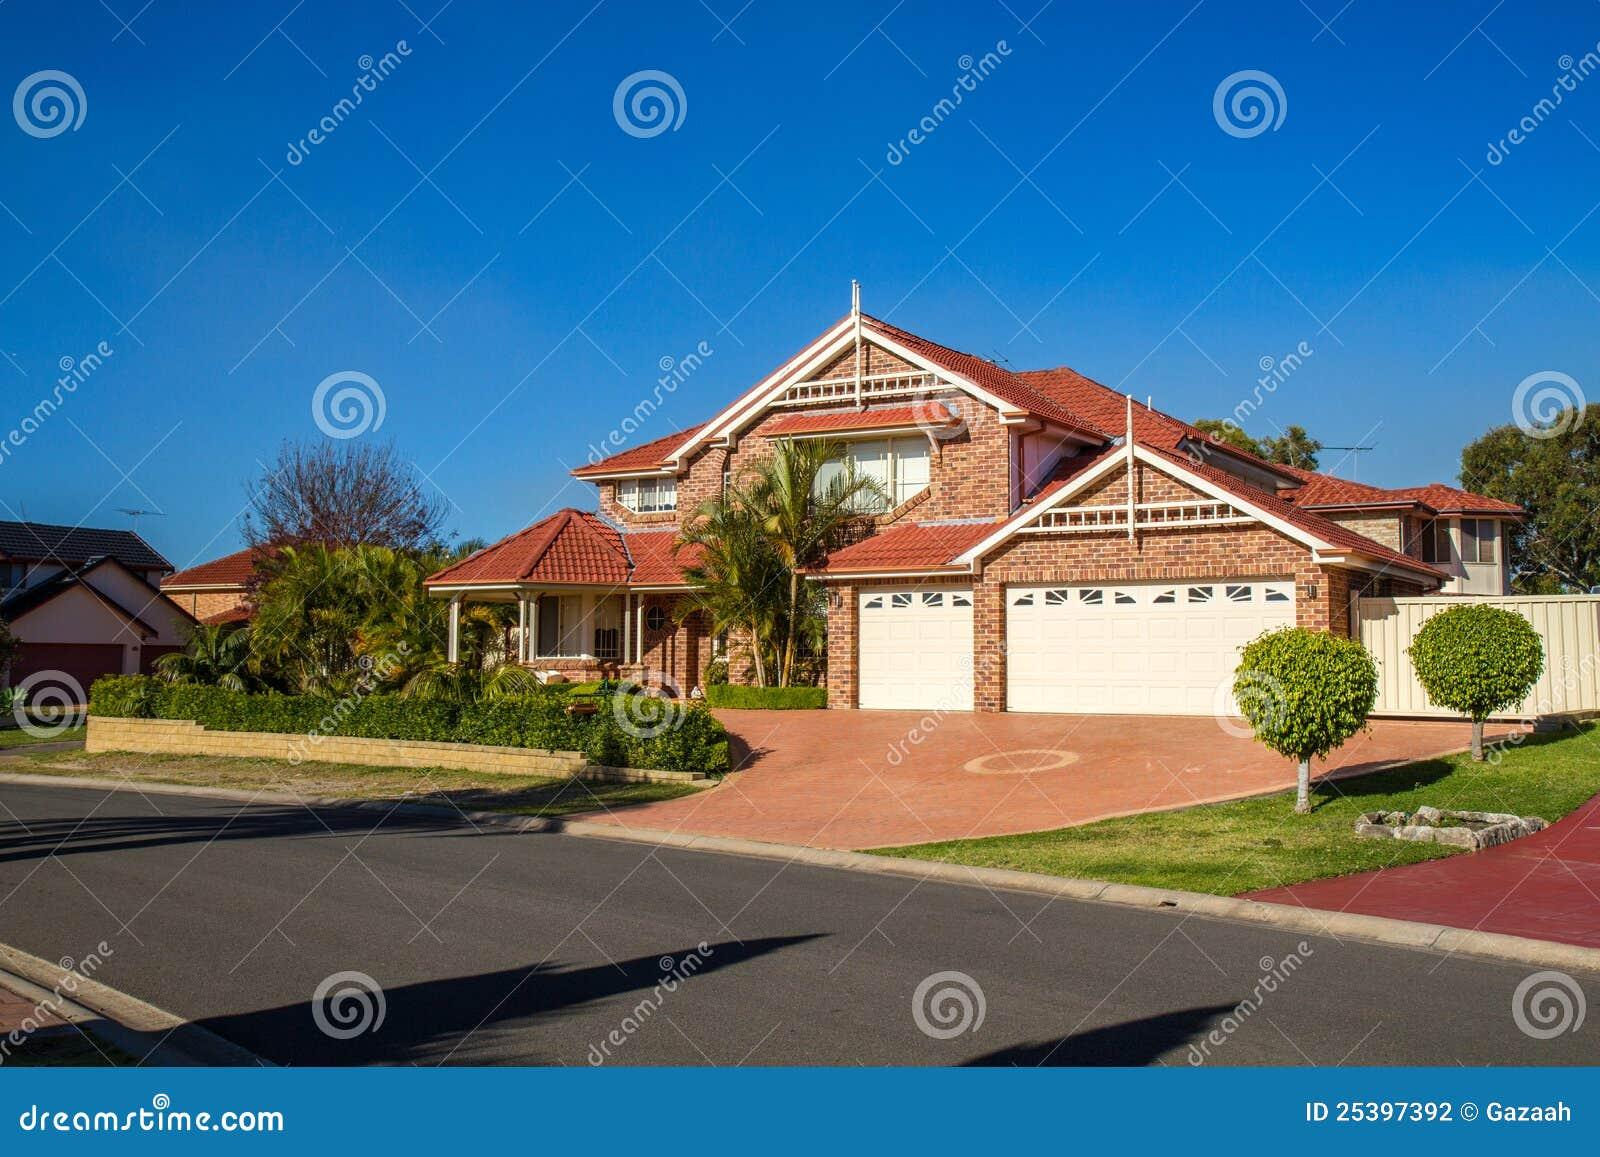 Erstaunliches Haus An Einem Schönen Sonnigen Nachmittag Stockfoto ...